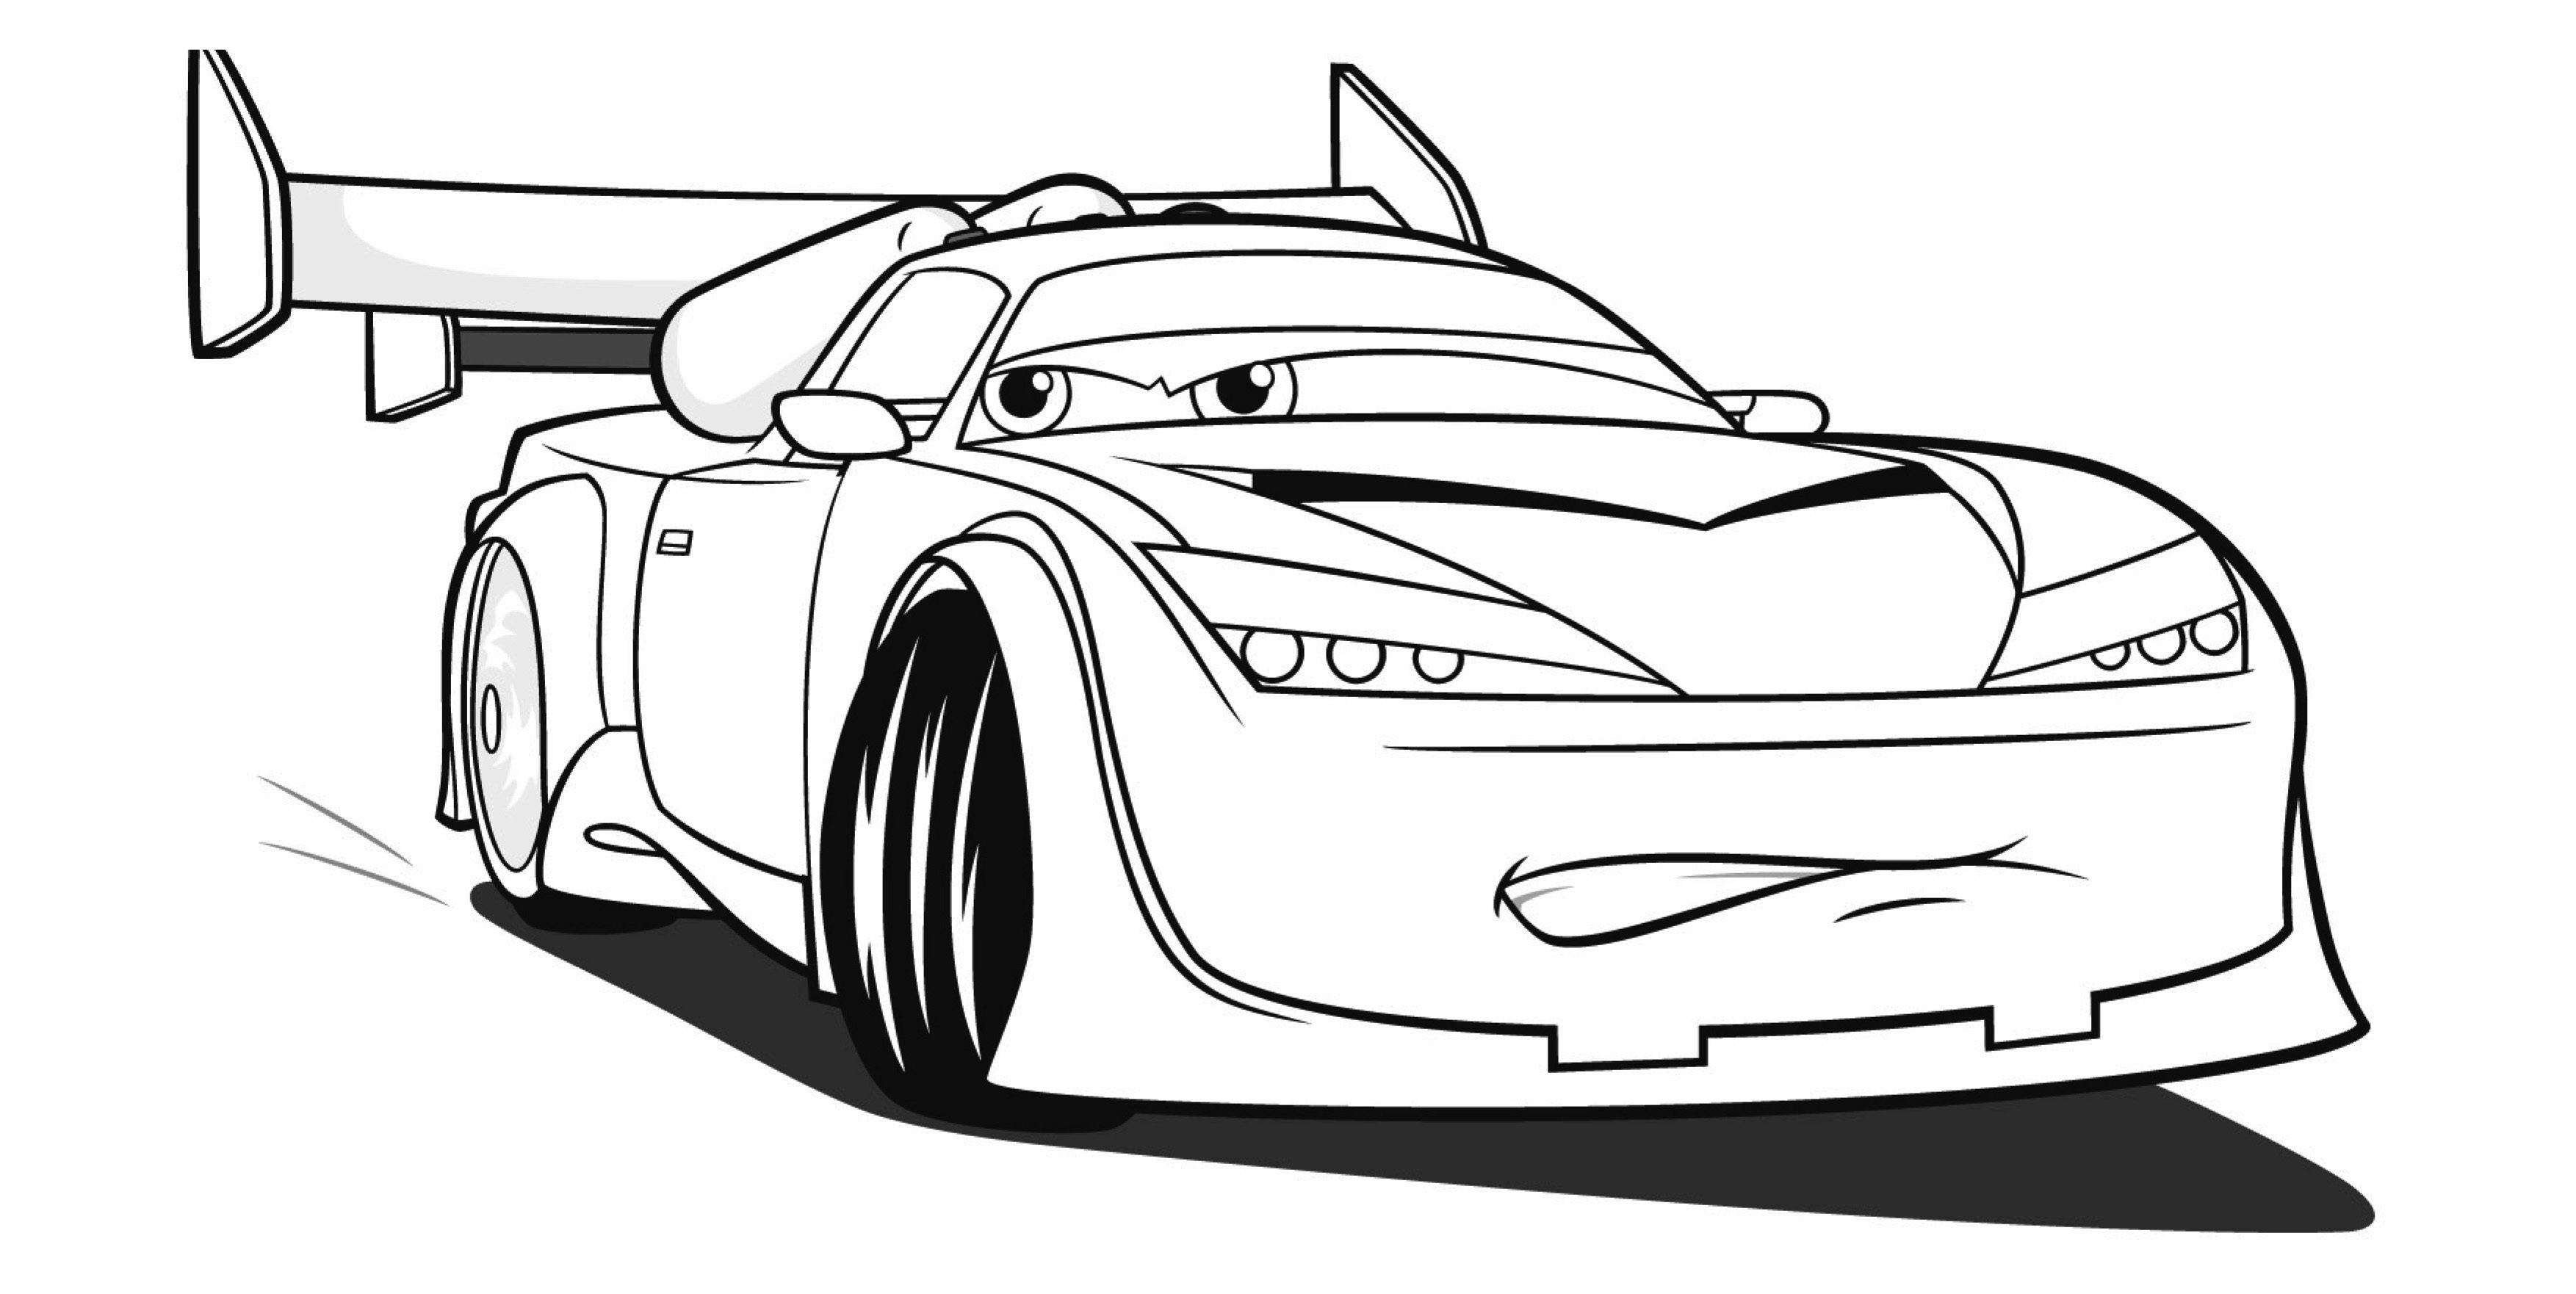 Ausmalbilder Auto  Ausmalbilder Disney Cars und Lightning Mcqueen